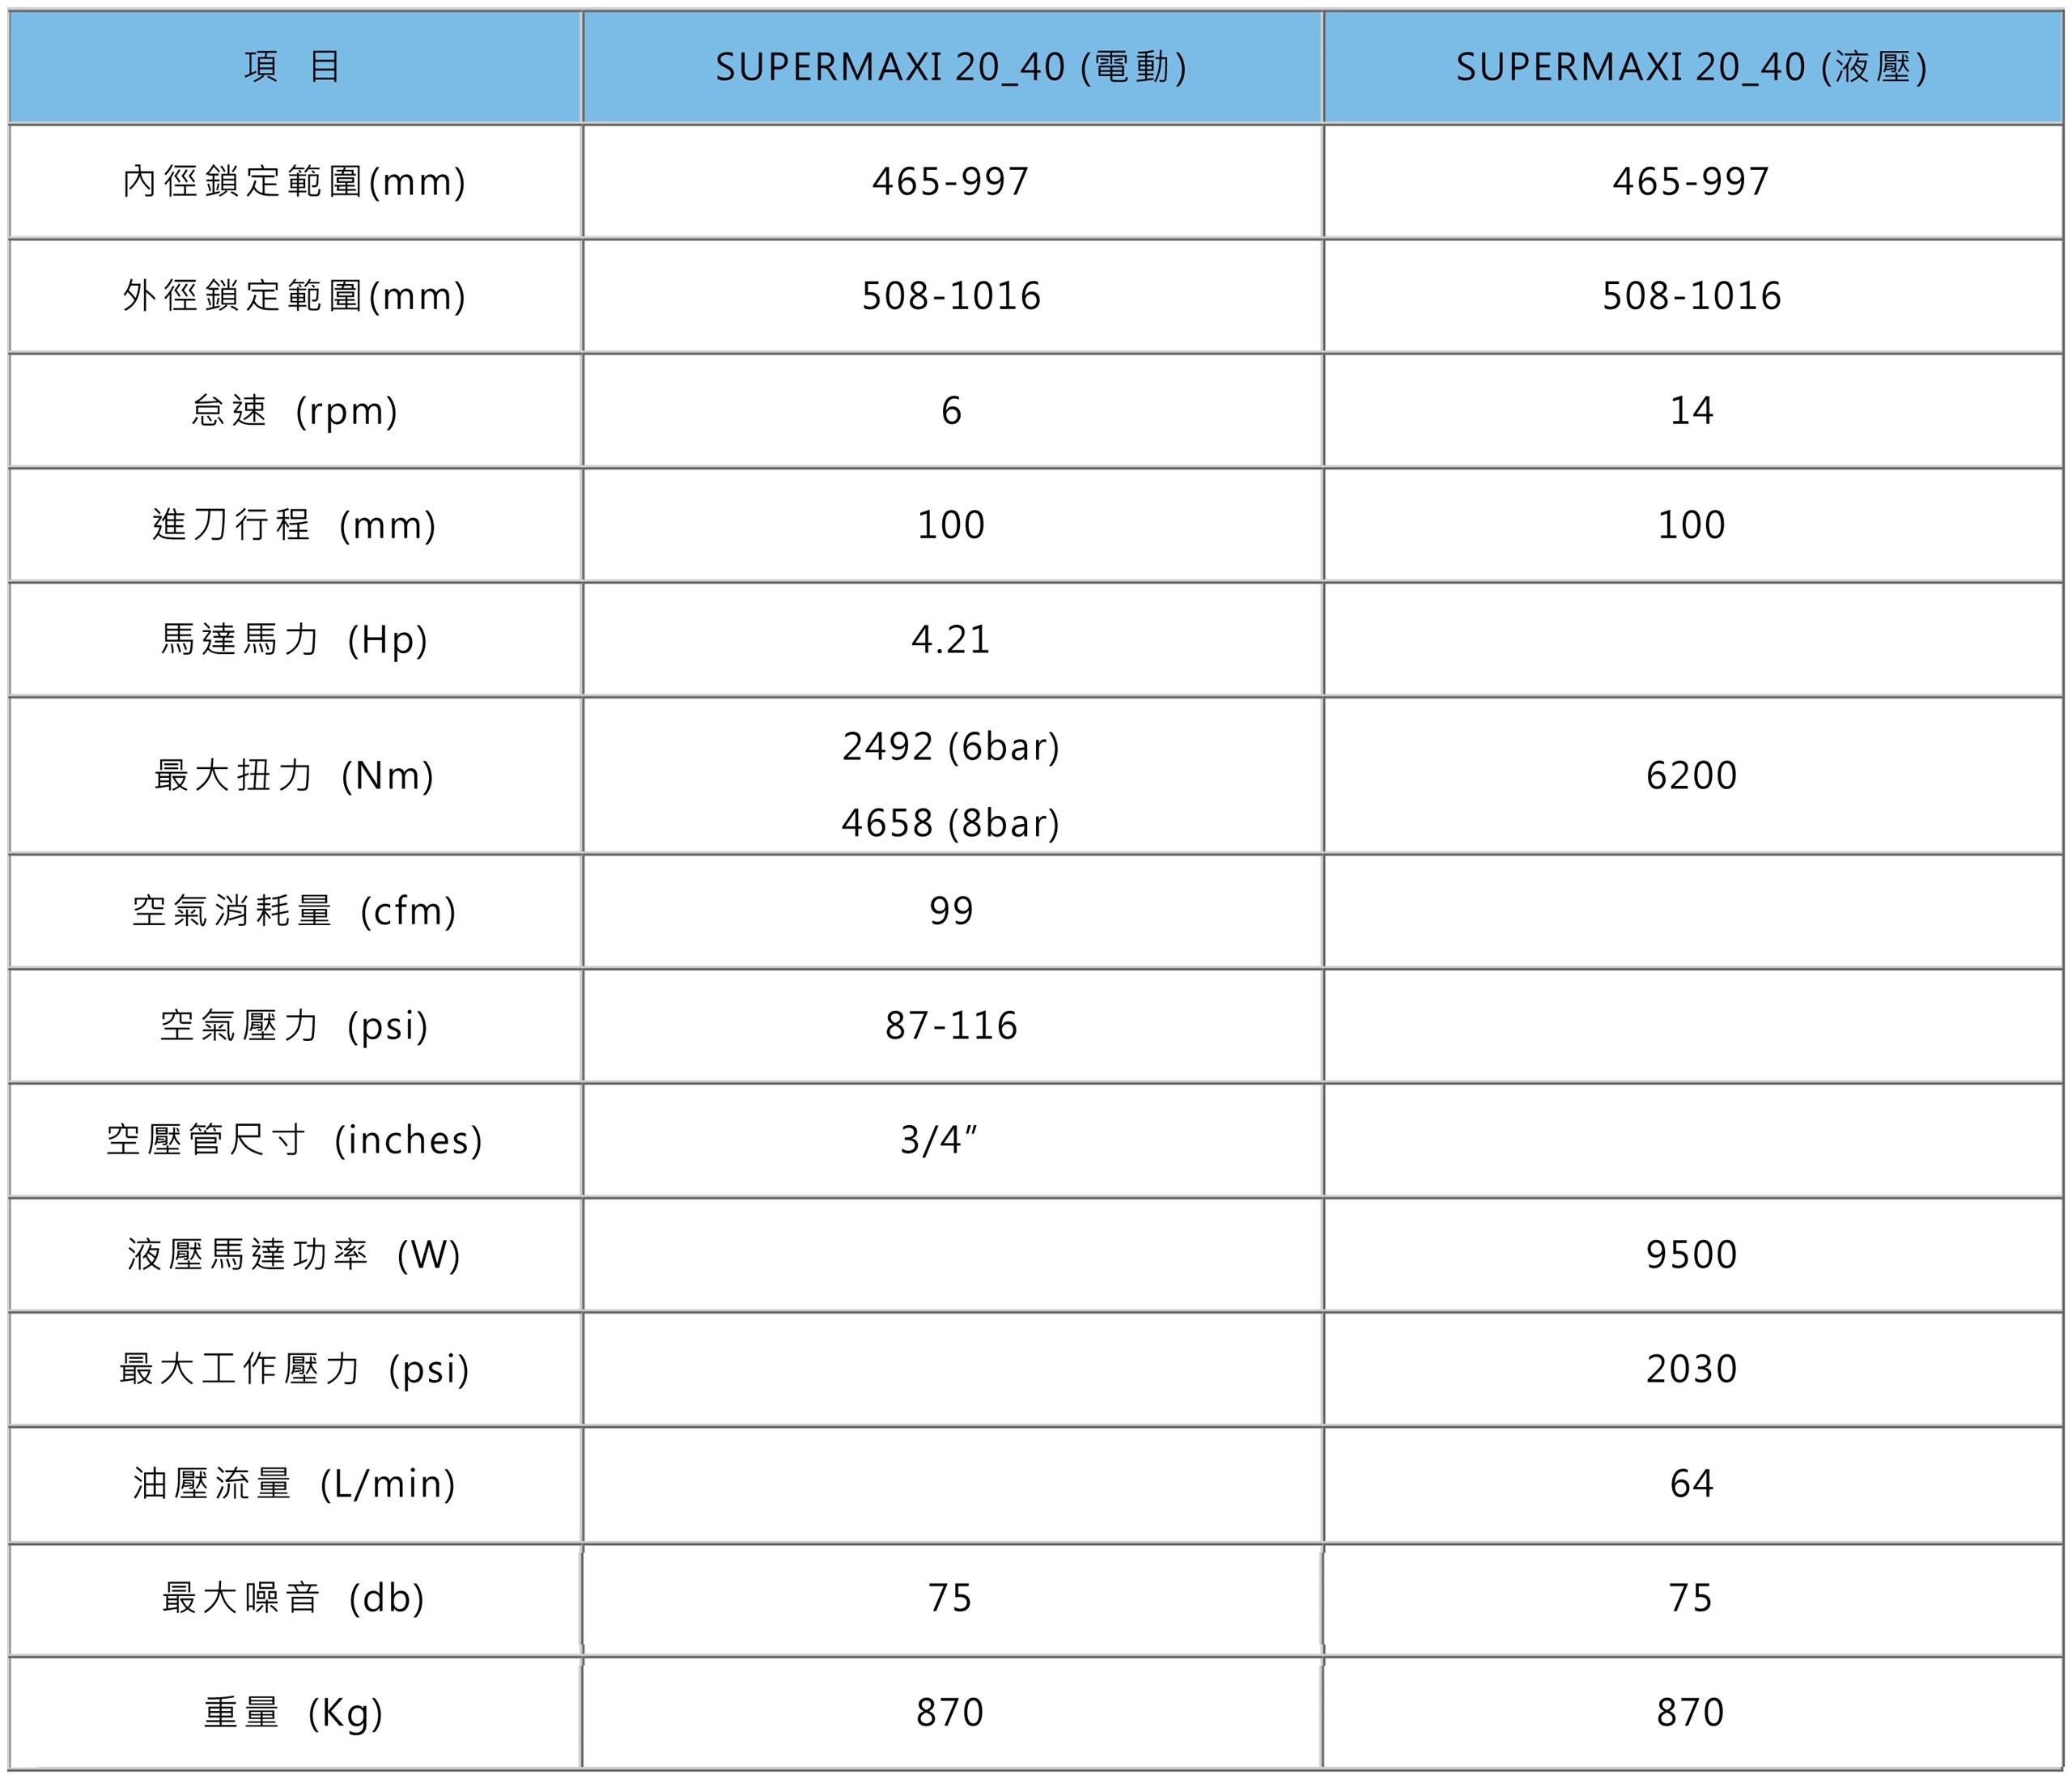 HYPERMAXI 20_40 規格表